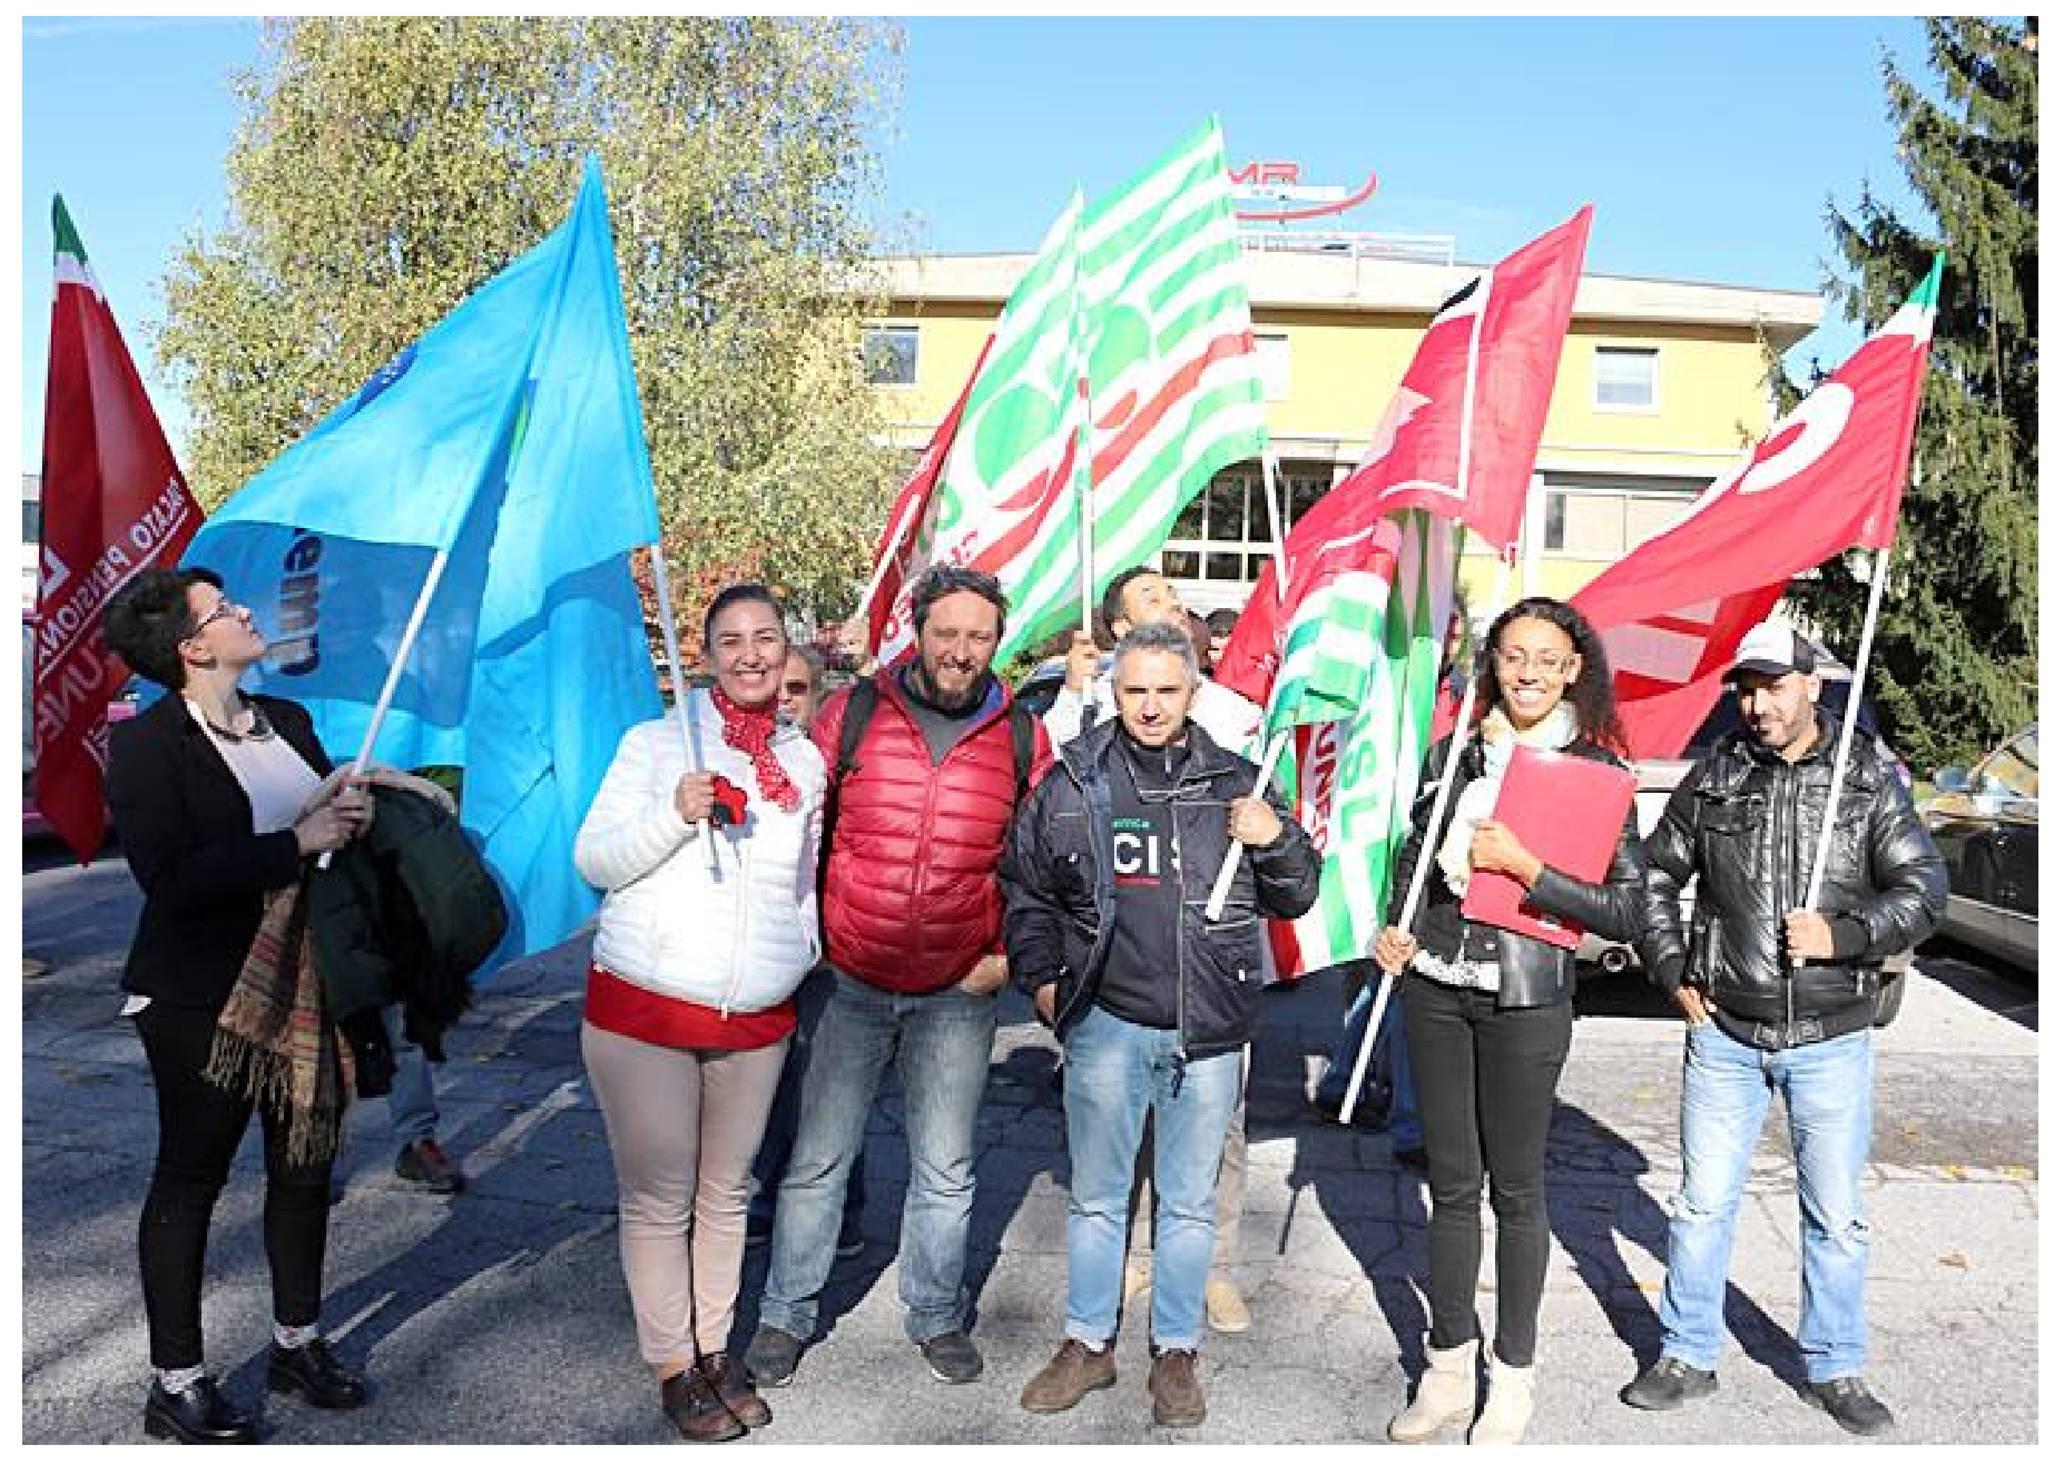 sciopero azienda IMR somminsitrati